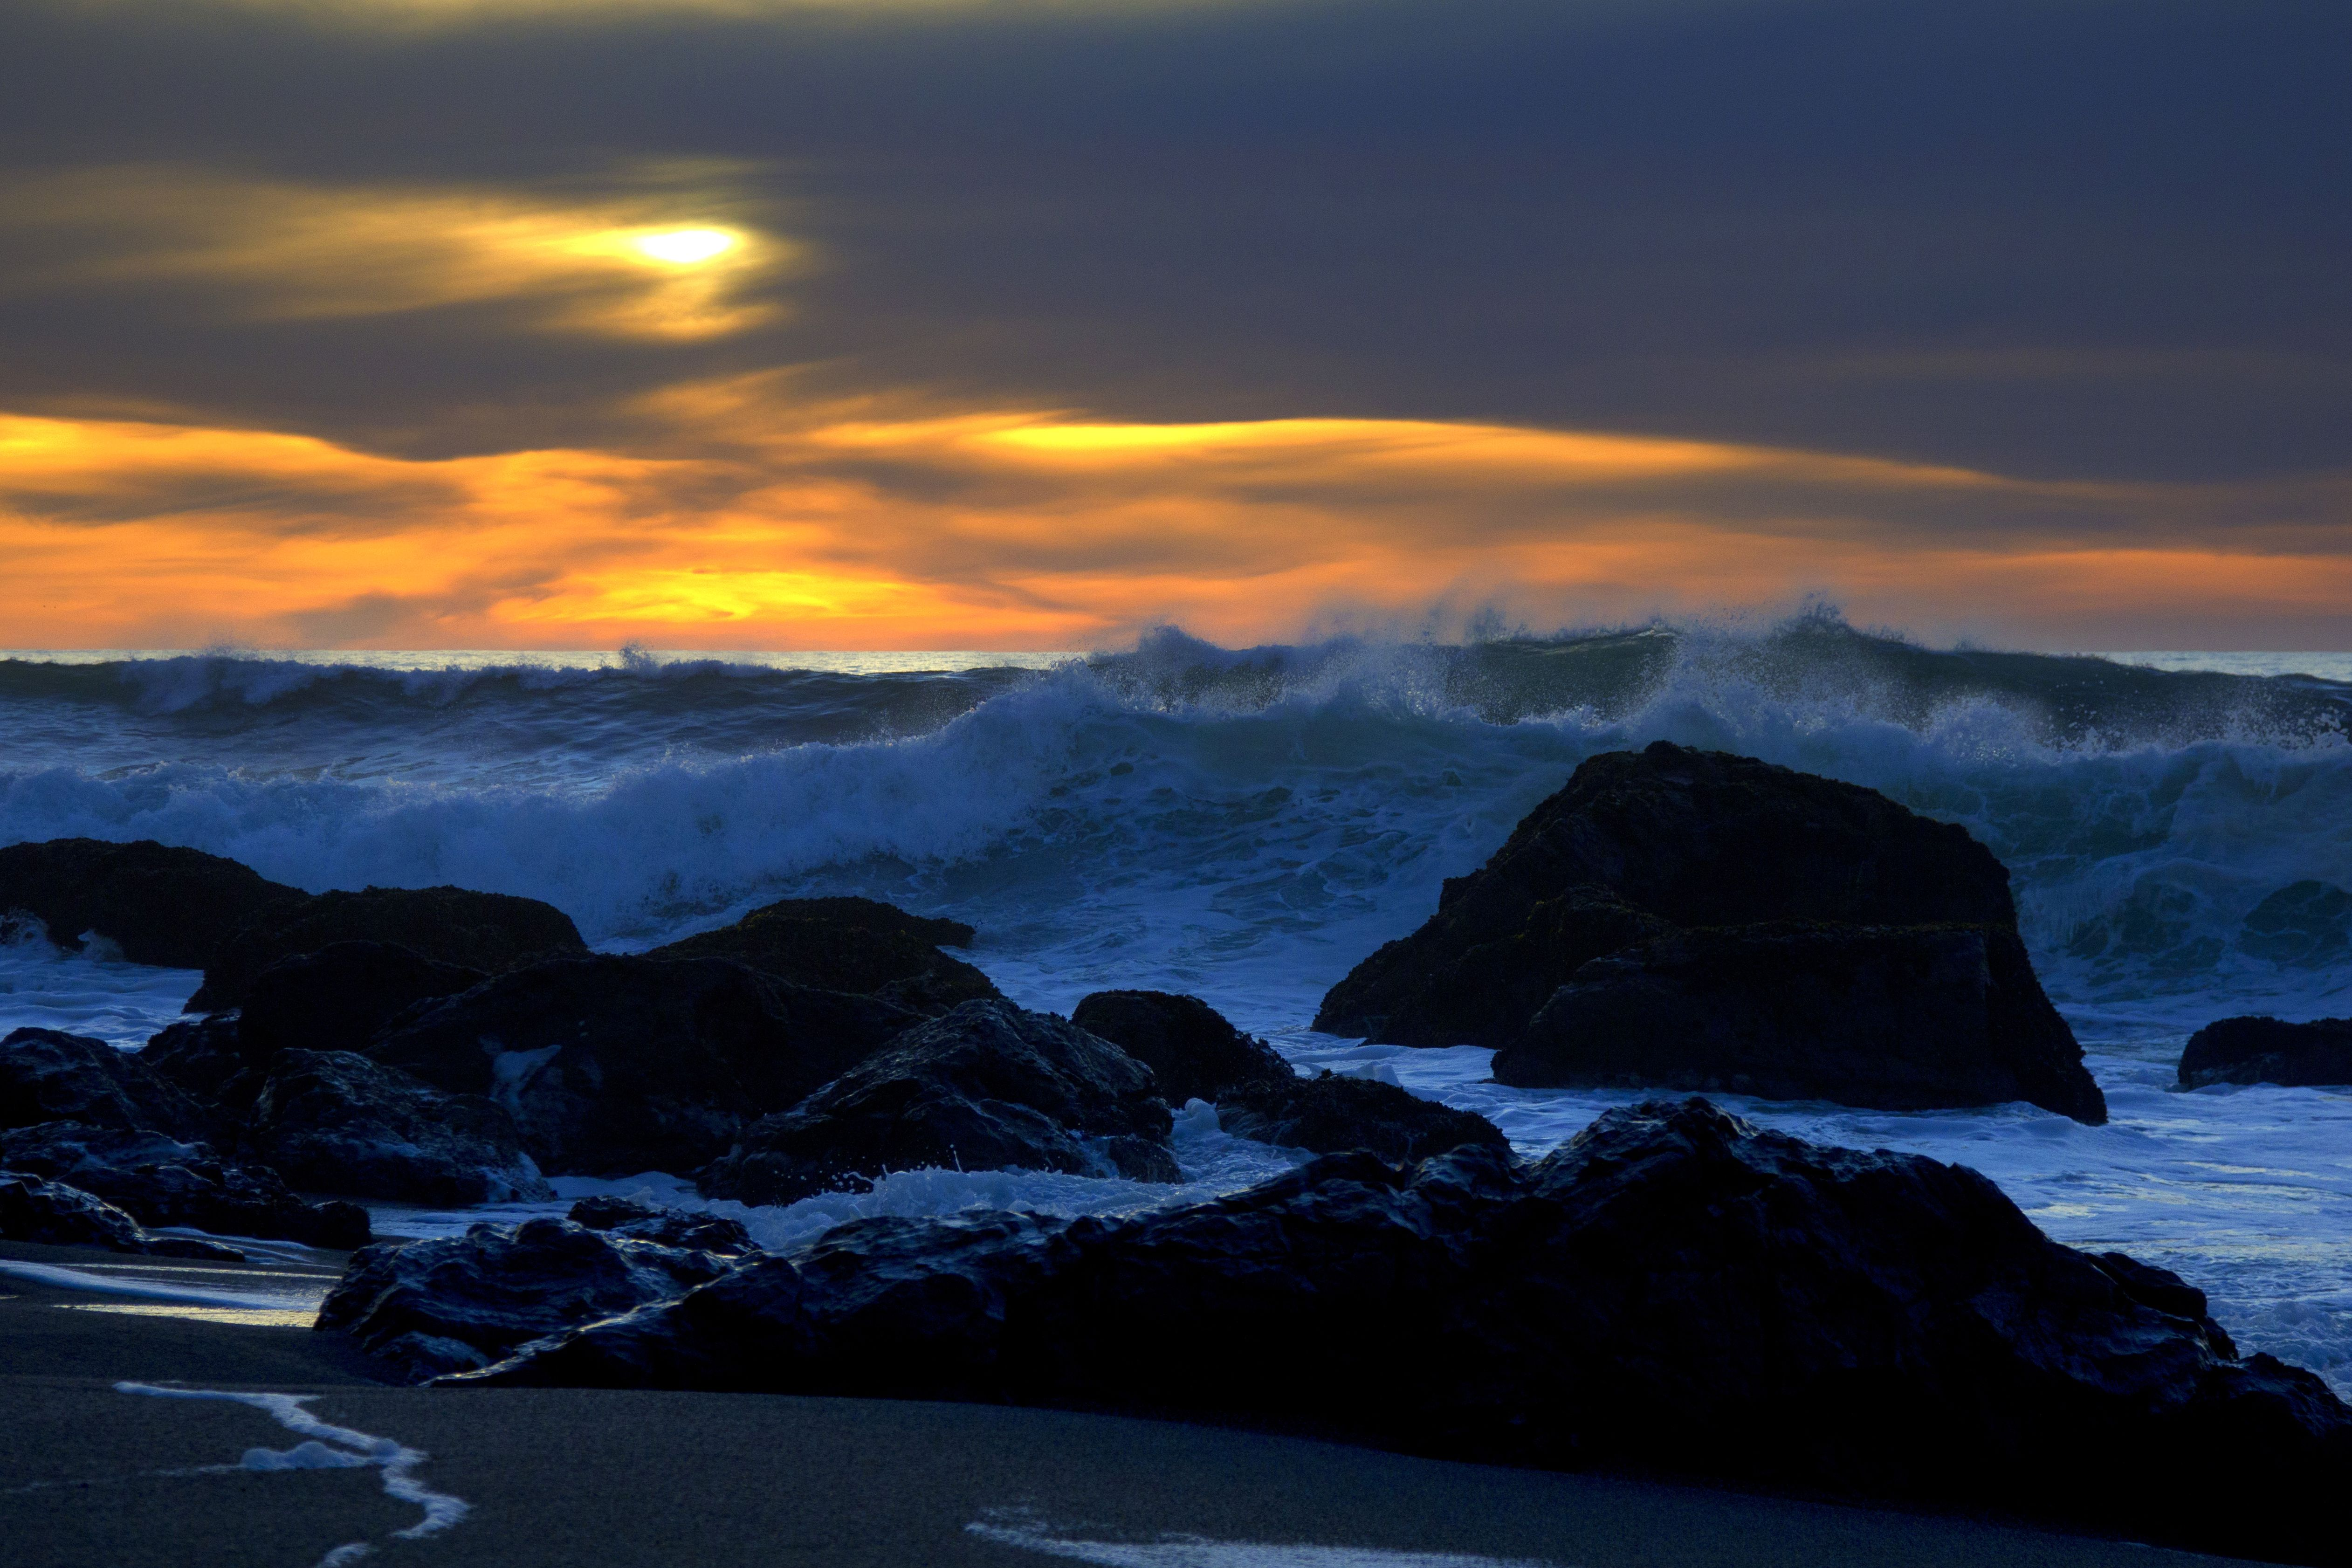 Scaricare gli sfondi tramonto mare onde paesaggio for Sfondi desktop tramonti mare